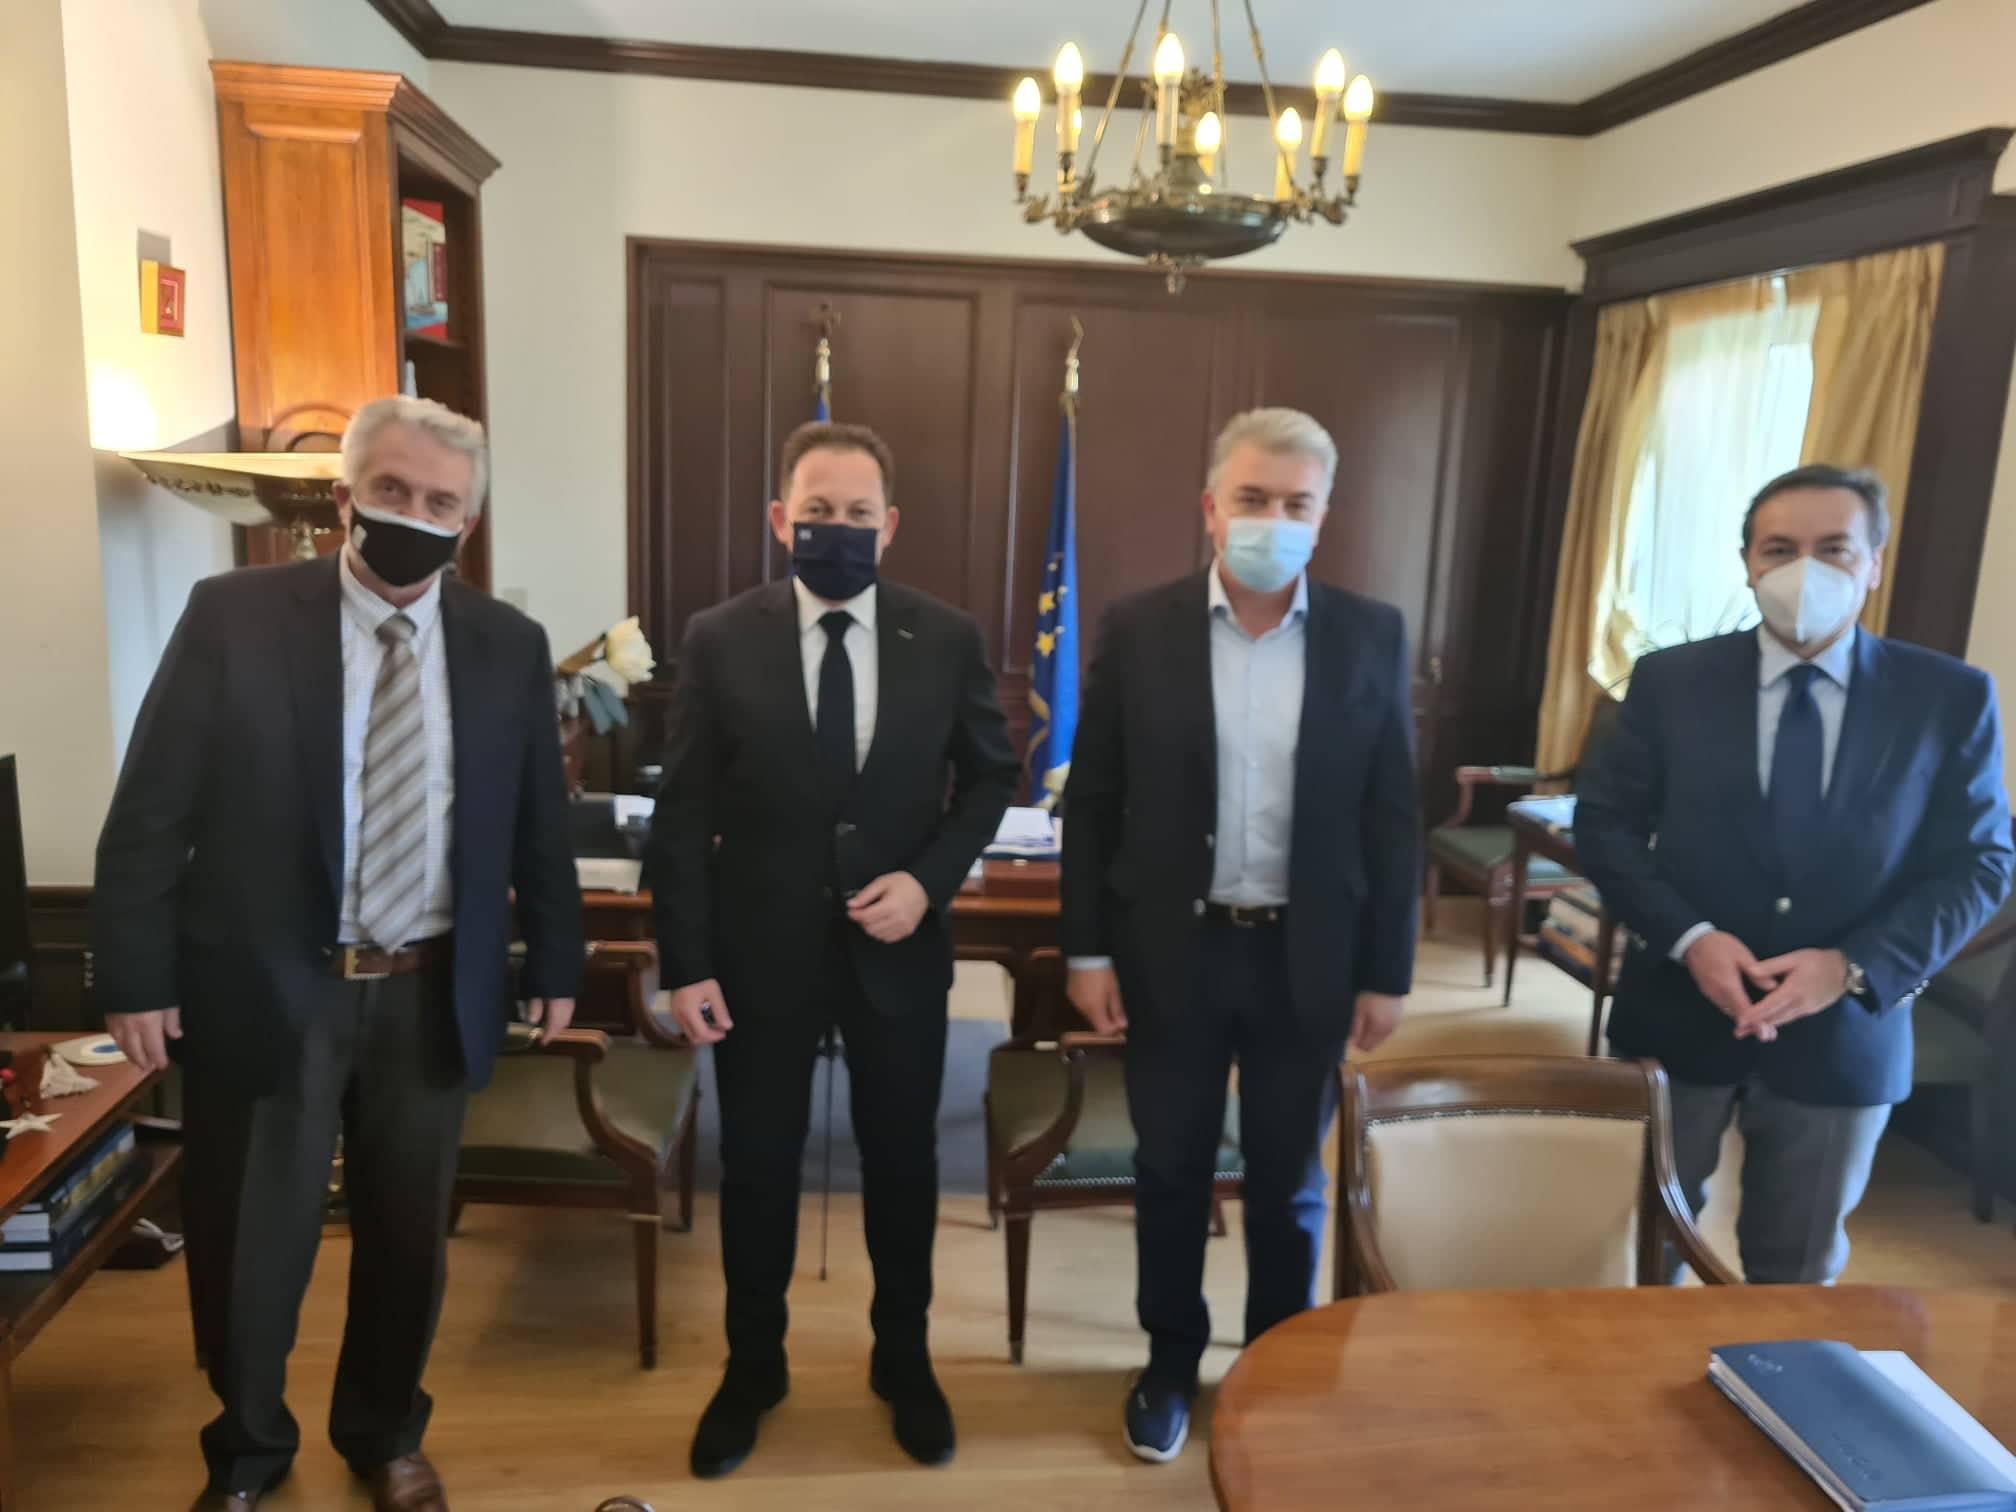 Φωκίδα: Σύσκεψη στο Υπουργείο Εσωτερικών  Φωκίδα: Σύσκεψη στο Υπουργείο Εσωτερικών                                              1